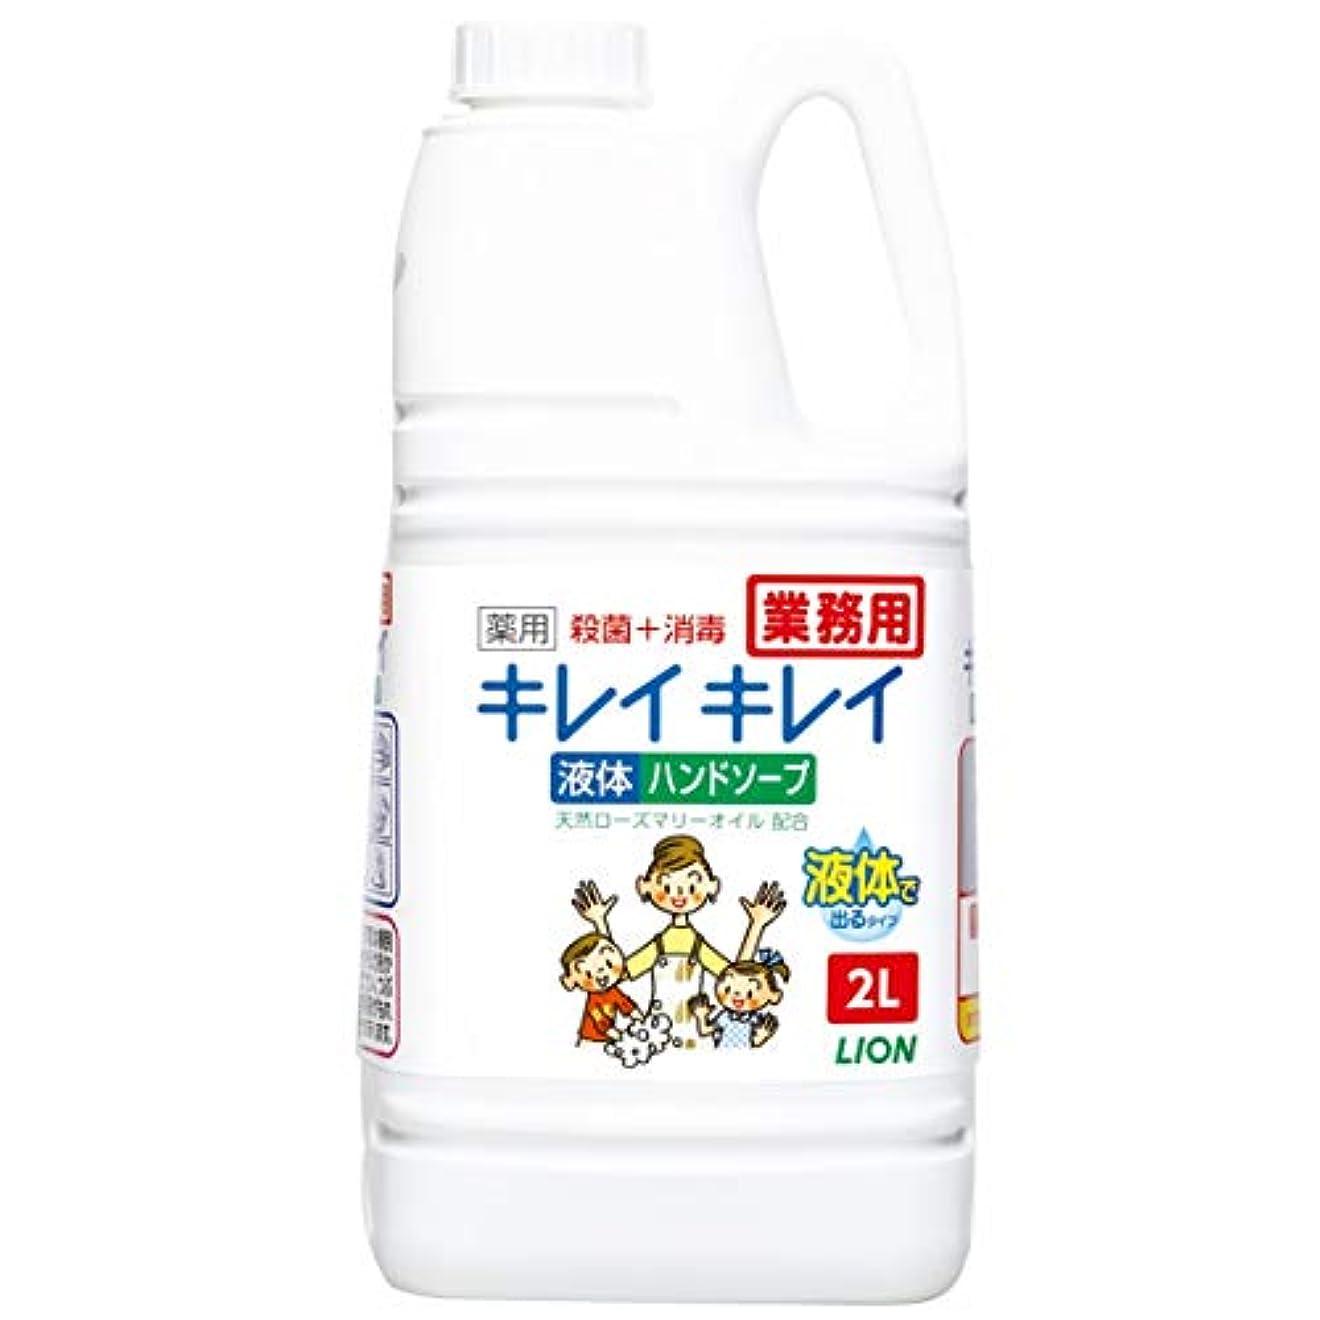 各引き出し安らぎ【業務用 大容量】キレイキレイ 薬用 ハンドソープ 2L(医薬部外品)